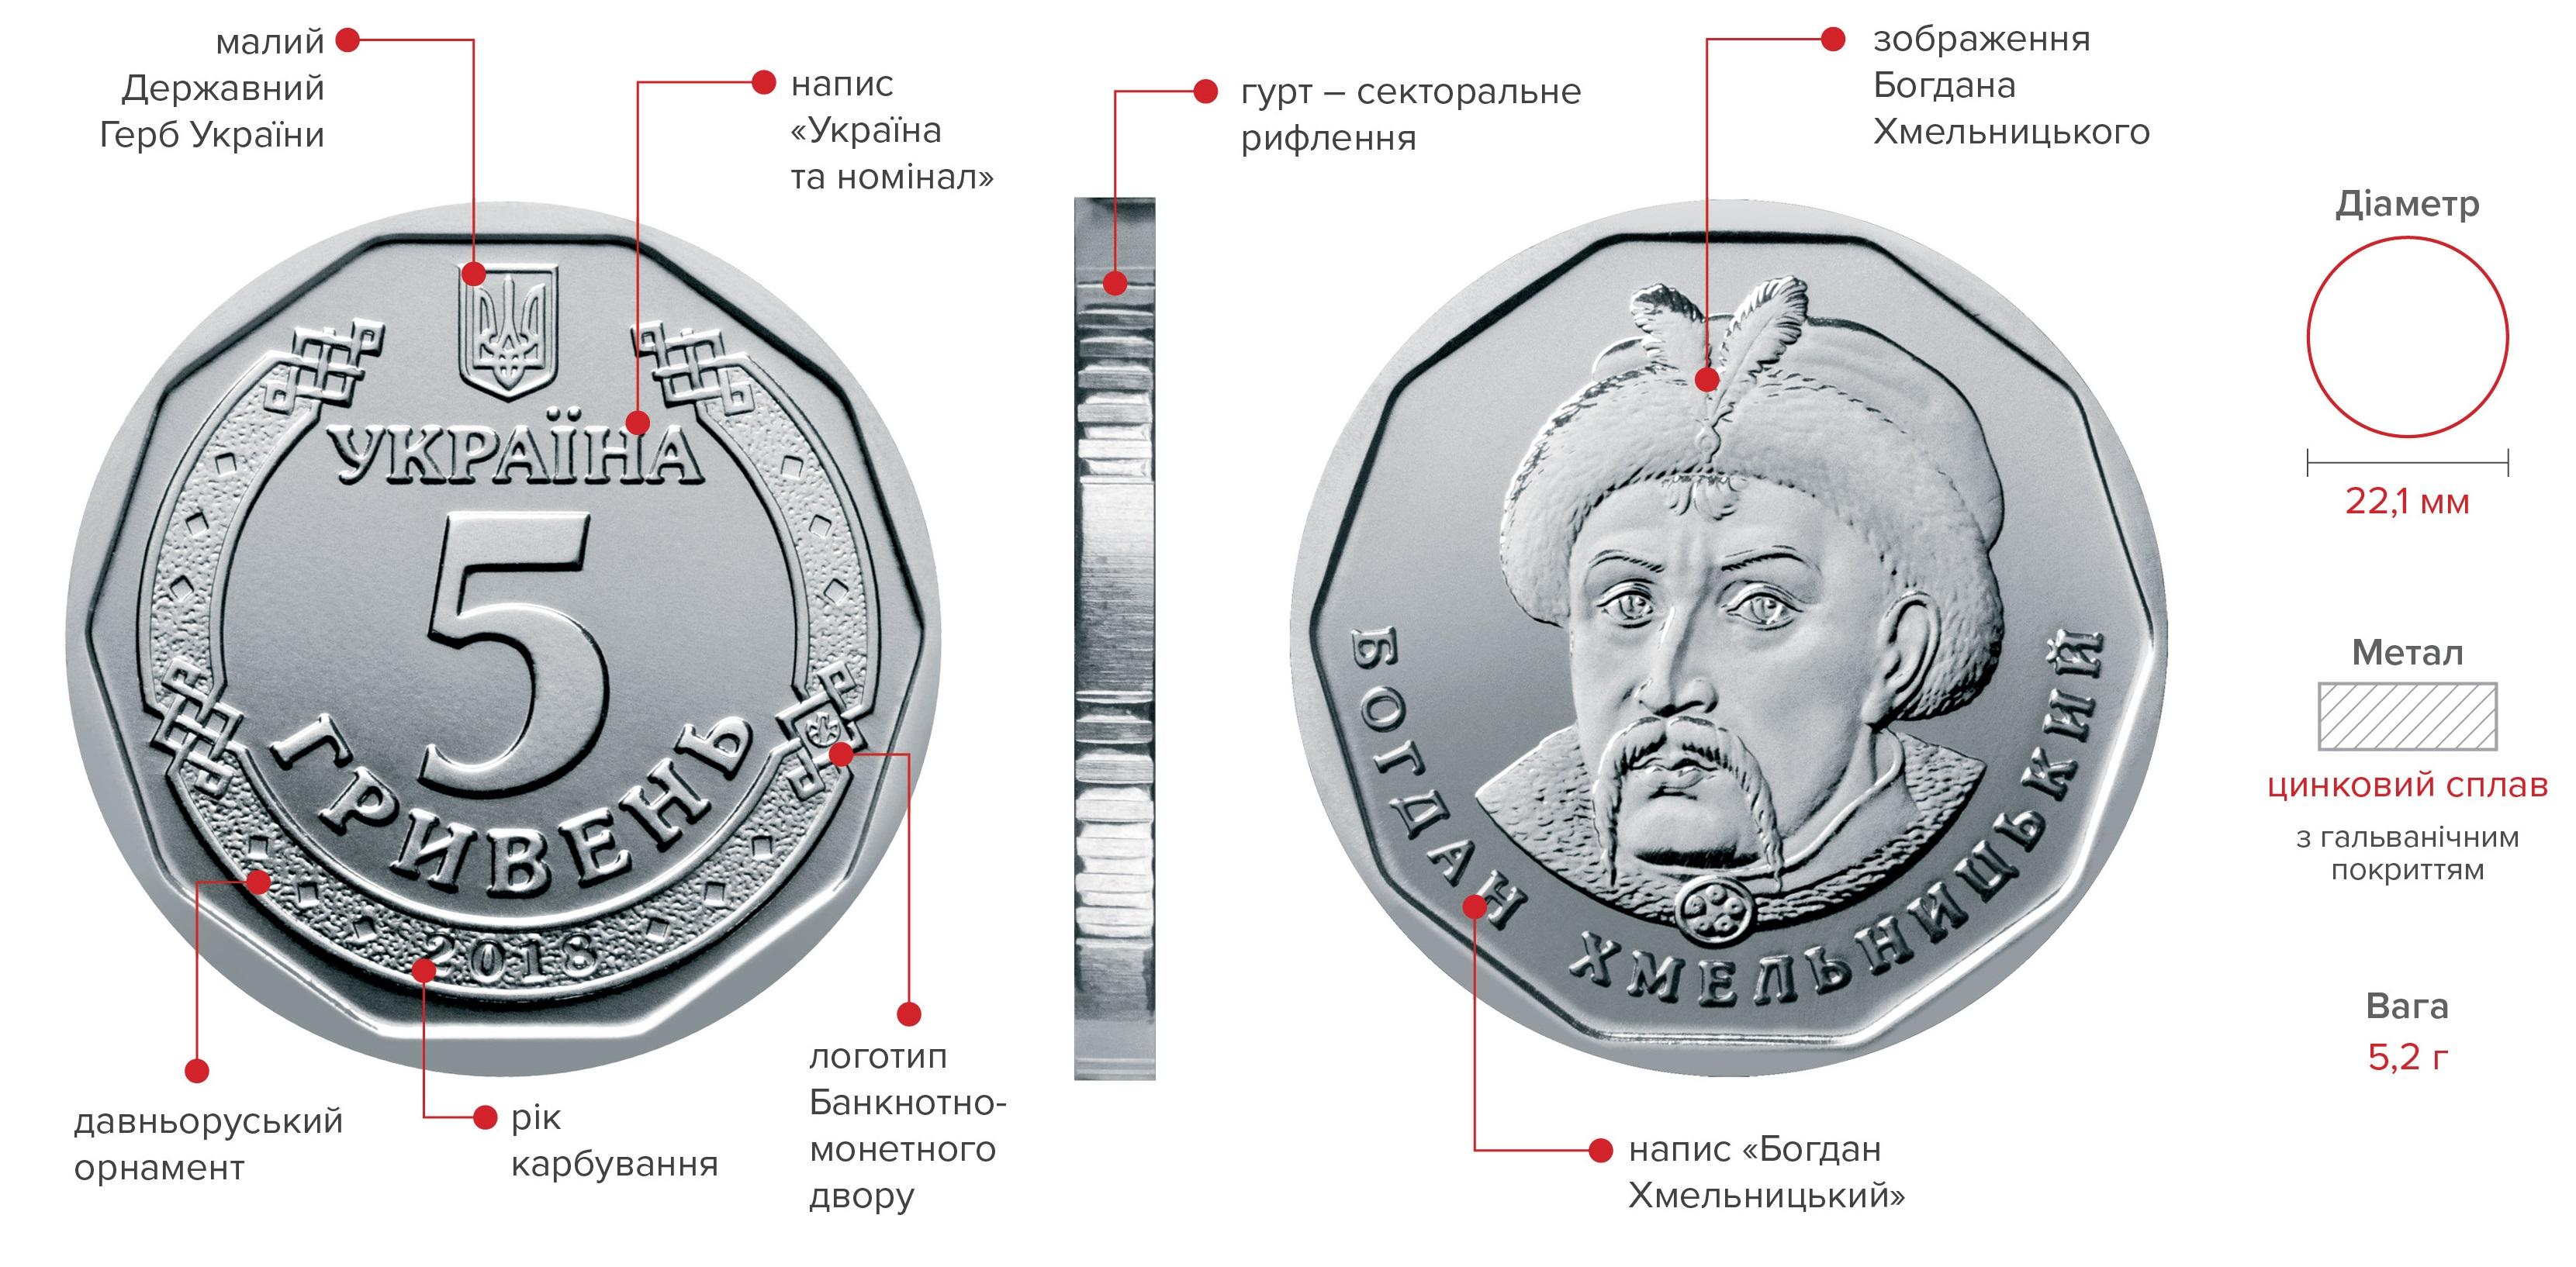 В Украине запущены в обращение 5-гривневые монеты